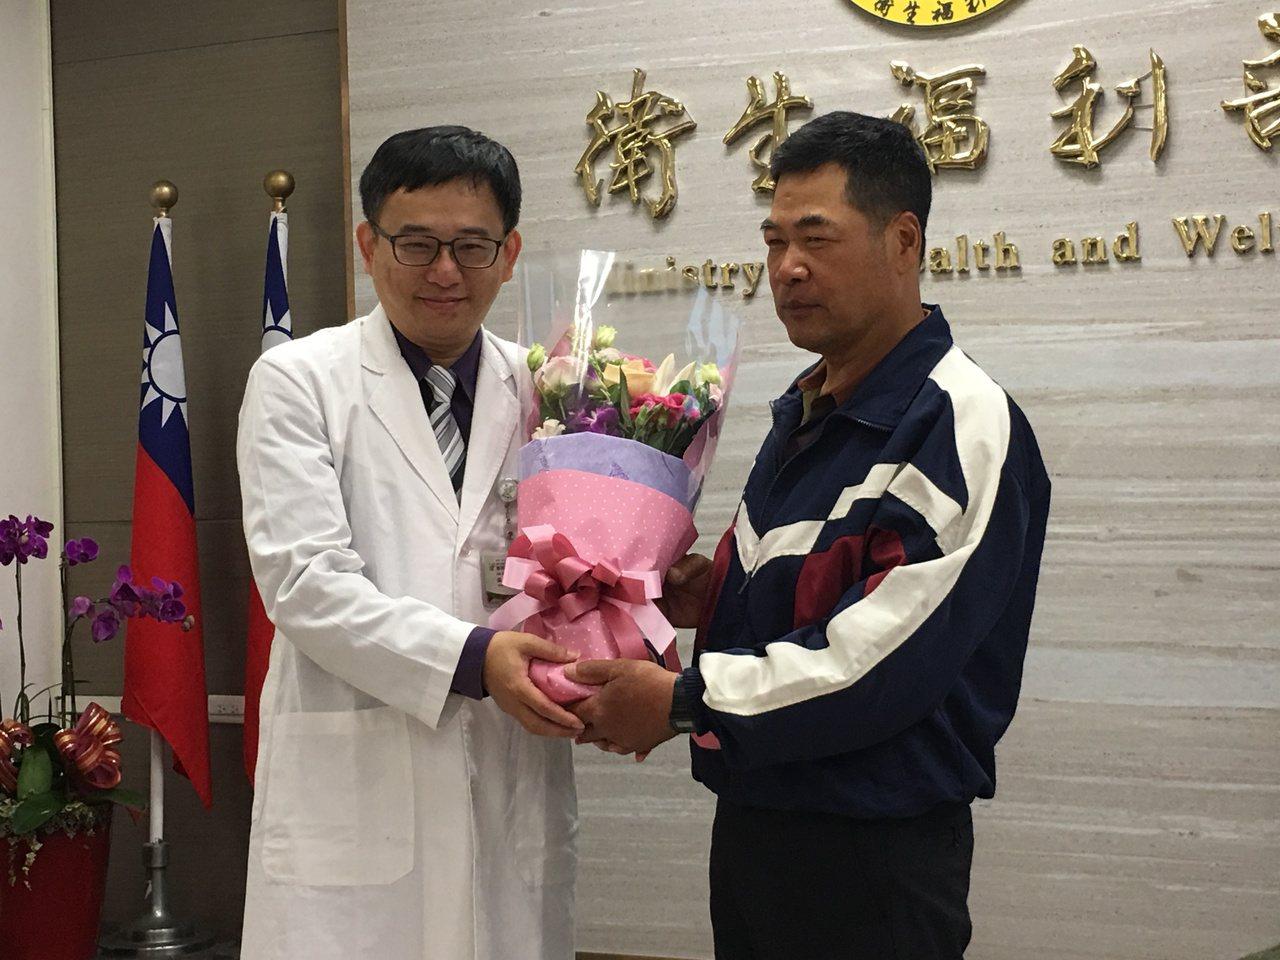 過敏性氣喘患者劉先生(右)送上花束,感謝豐原醫院胸腔內科主治醫師張一誠(左)的治...